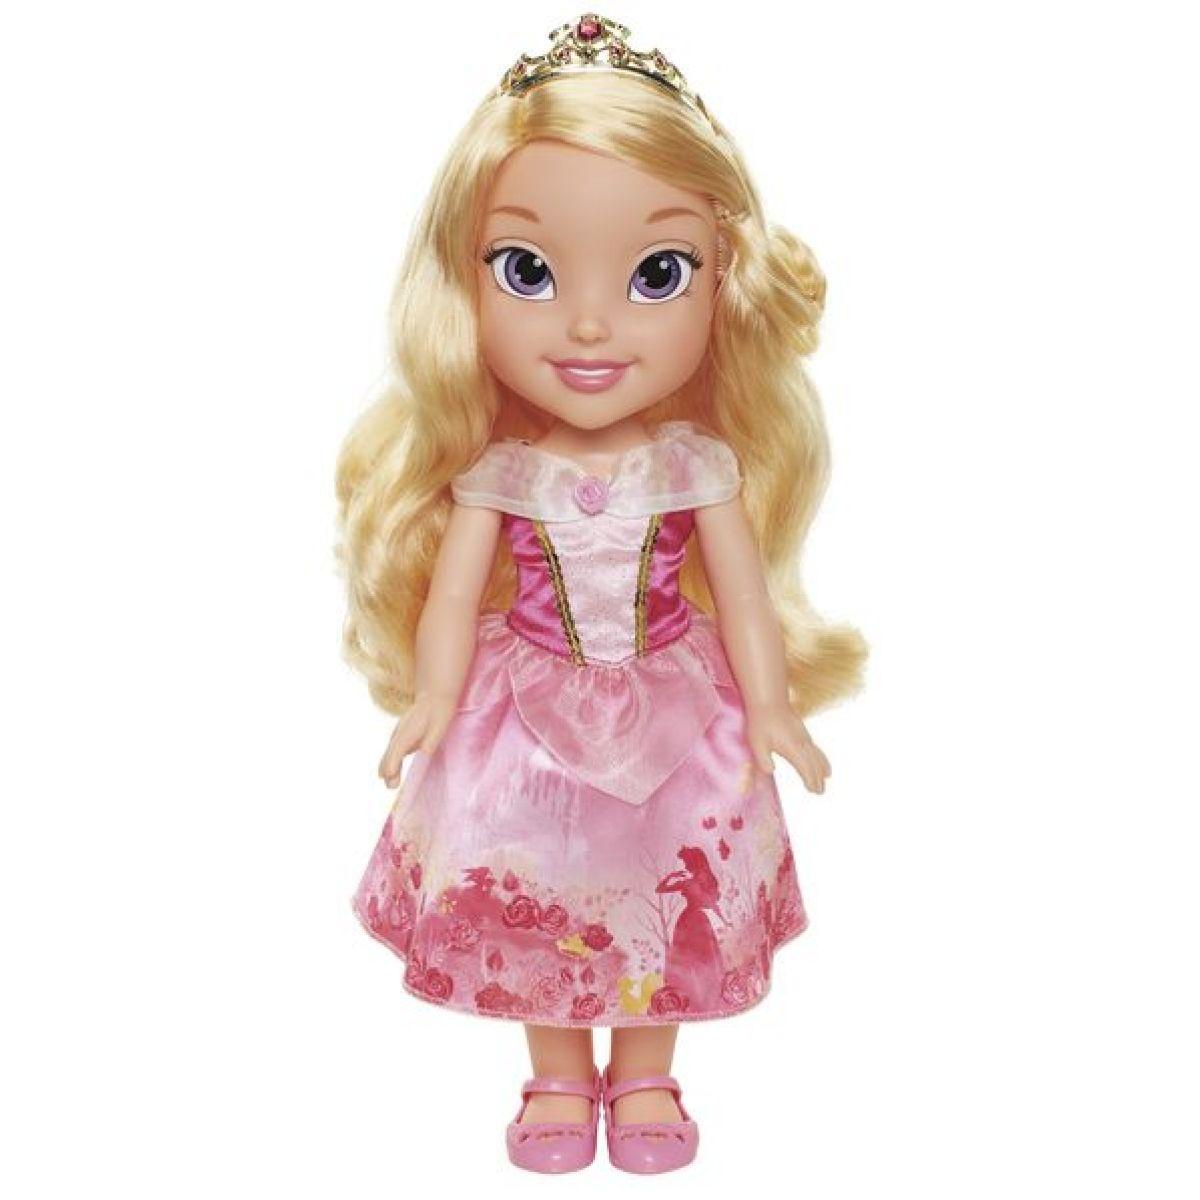 ADC Blackfire Disney Princess Růženka